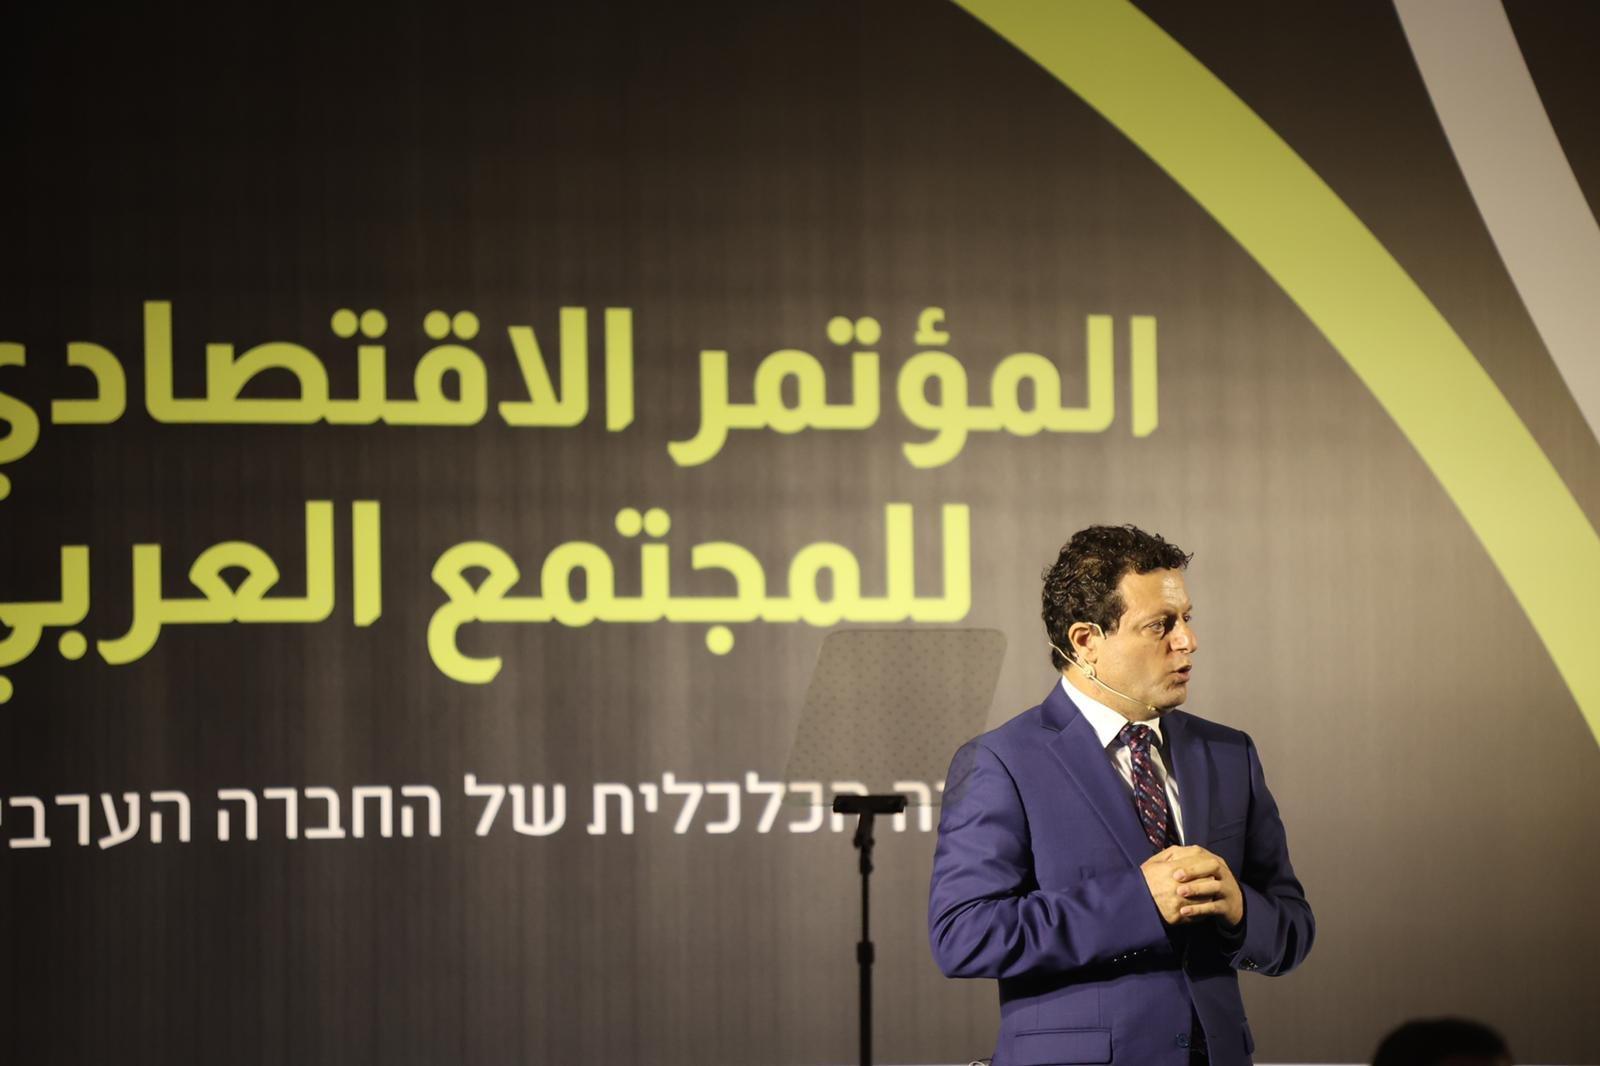 مشاركة كبيرة ومحاضرات هامة في المؤتمر الاقتصادي للمجتمع العربي بالناصرة-21